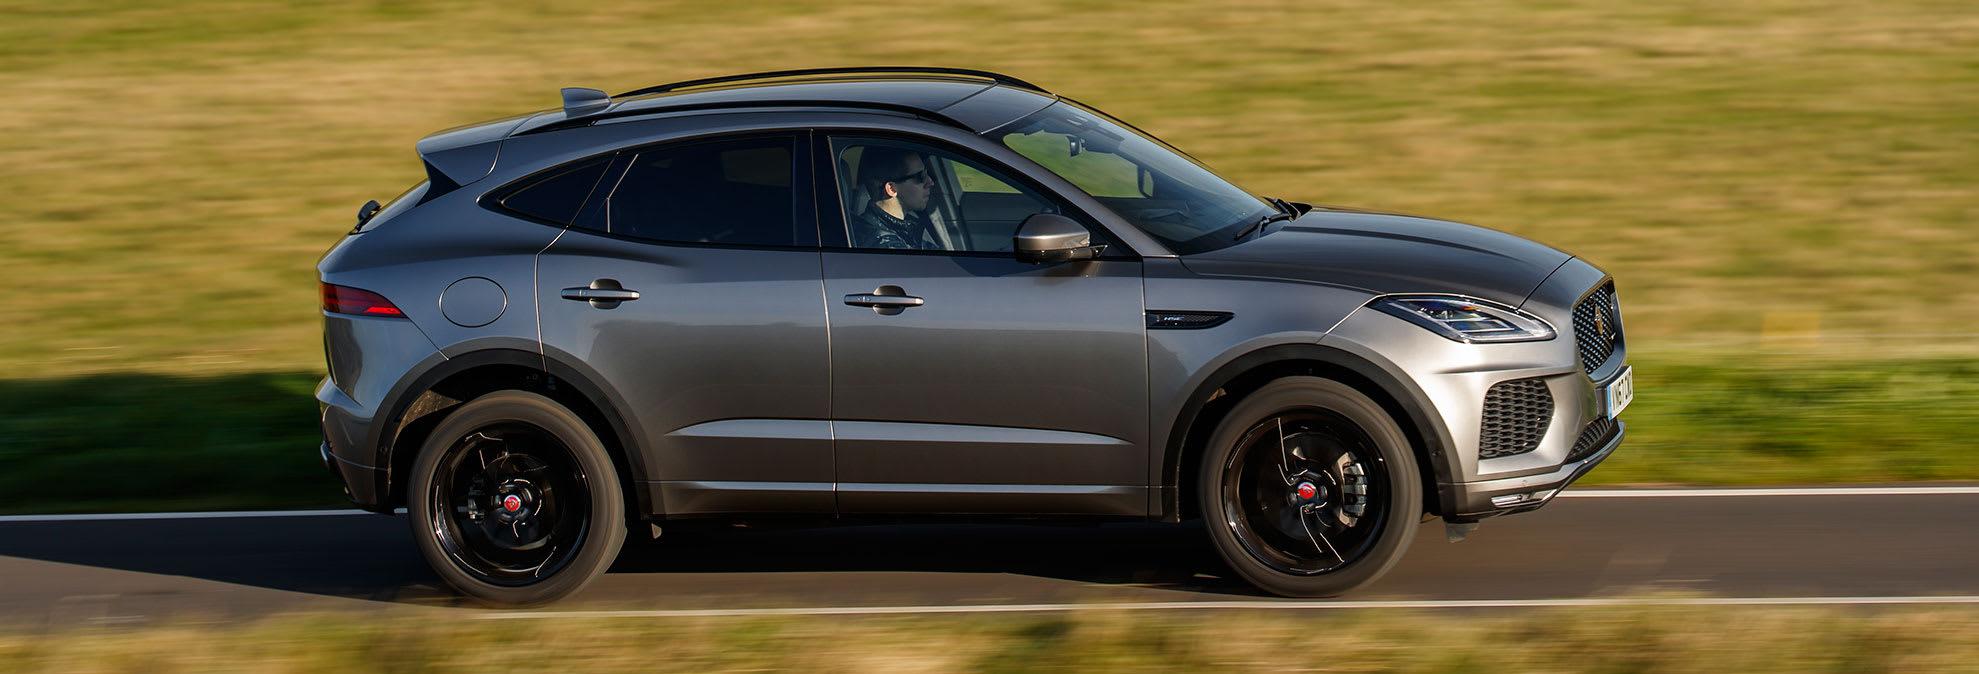 2018 Jaguar E Pace Joins Compact Luxury Suv Party